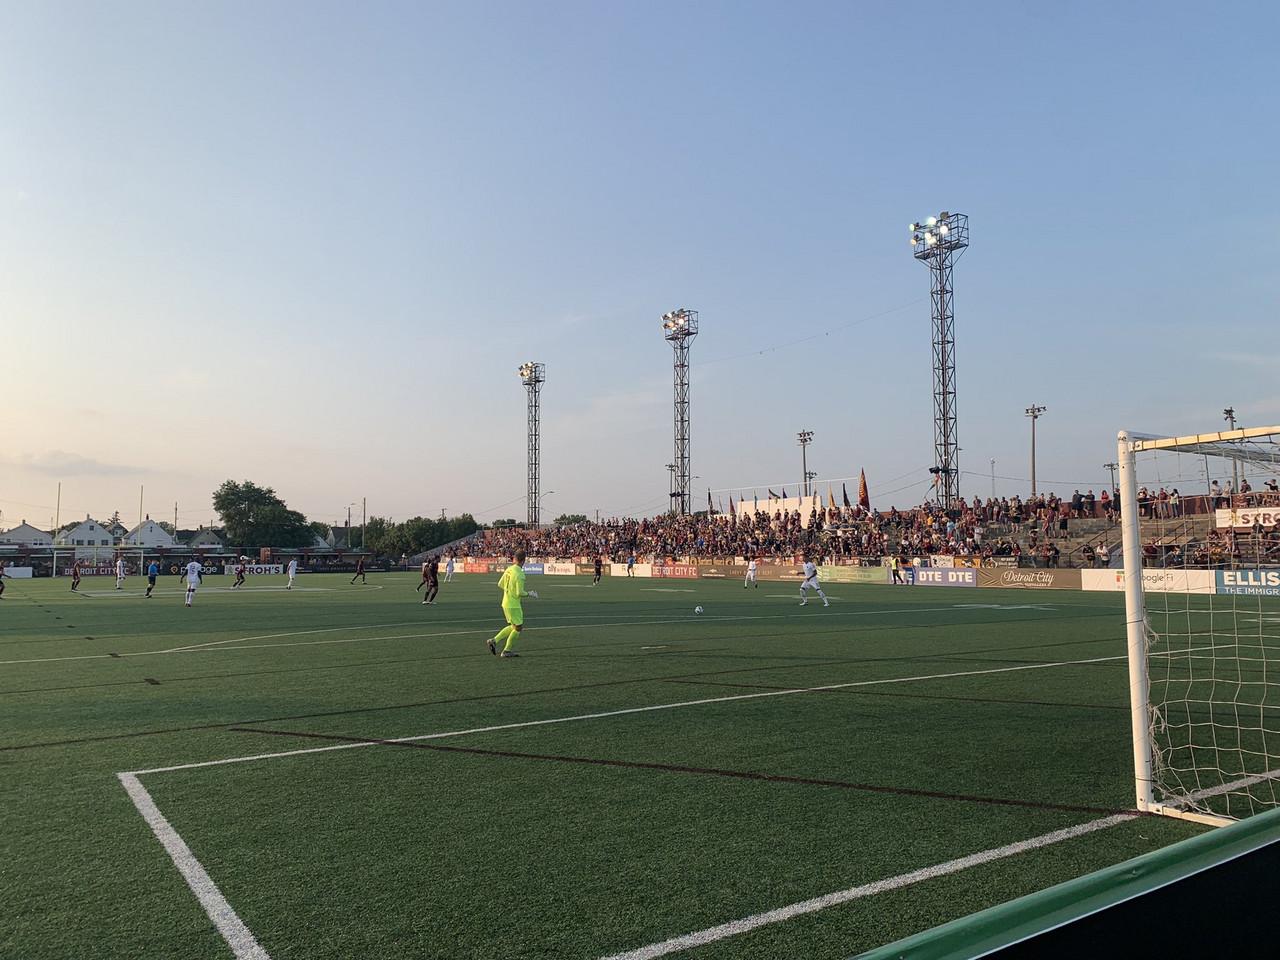 Detroit City FC 3-2 Chicago House AC: Detroit spoils Chicago's NISA league debut